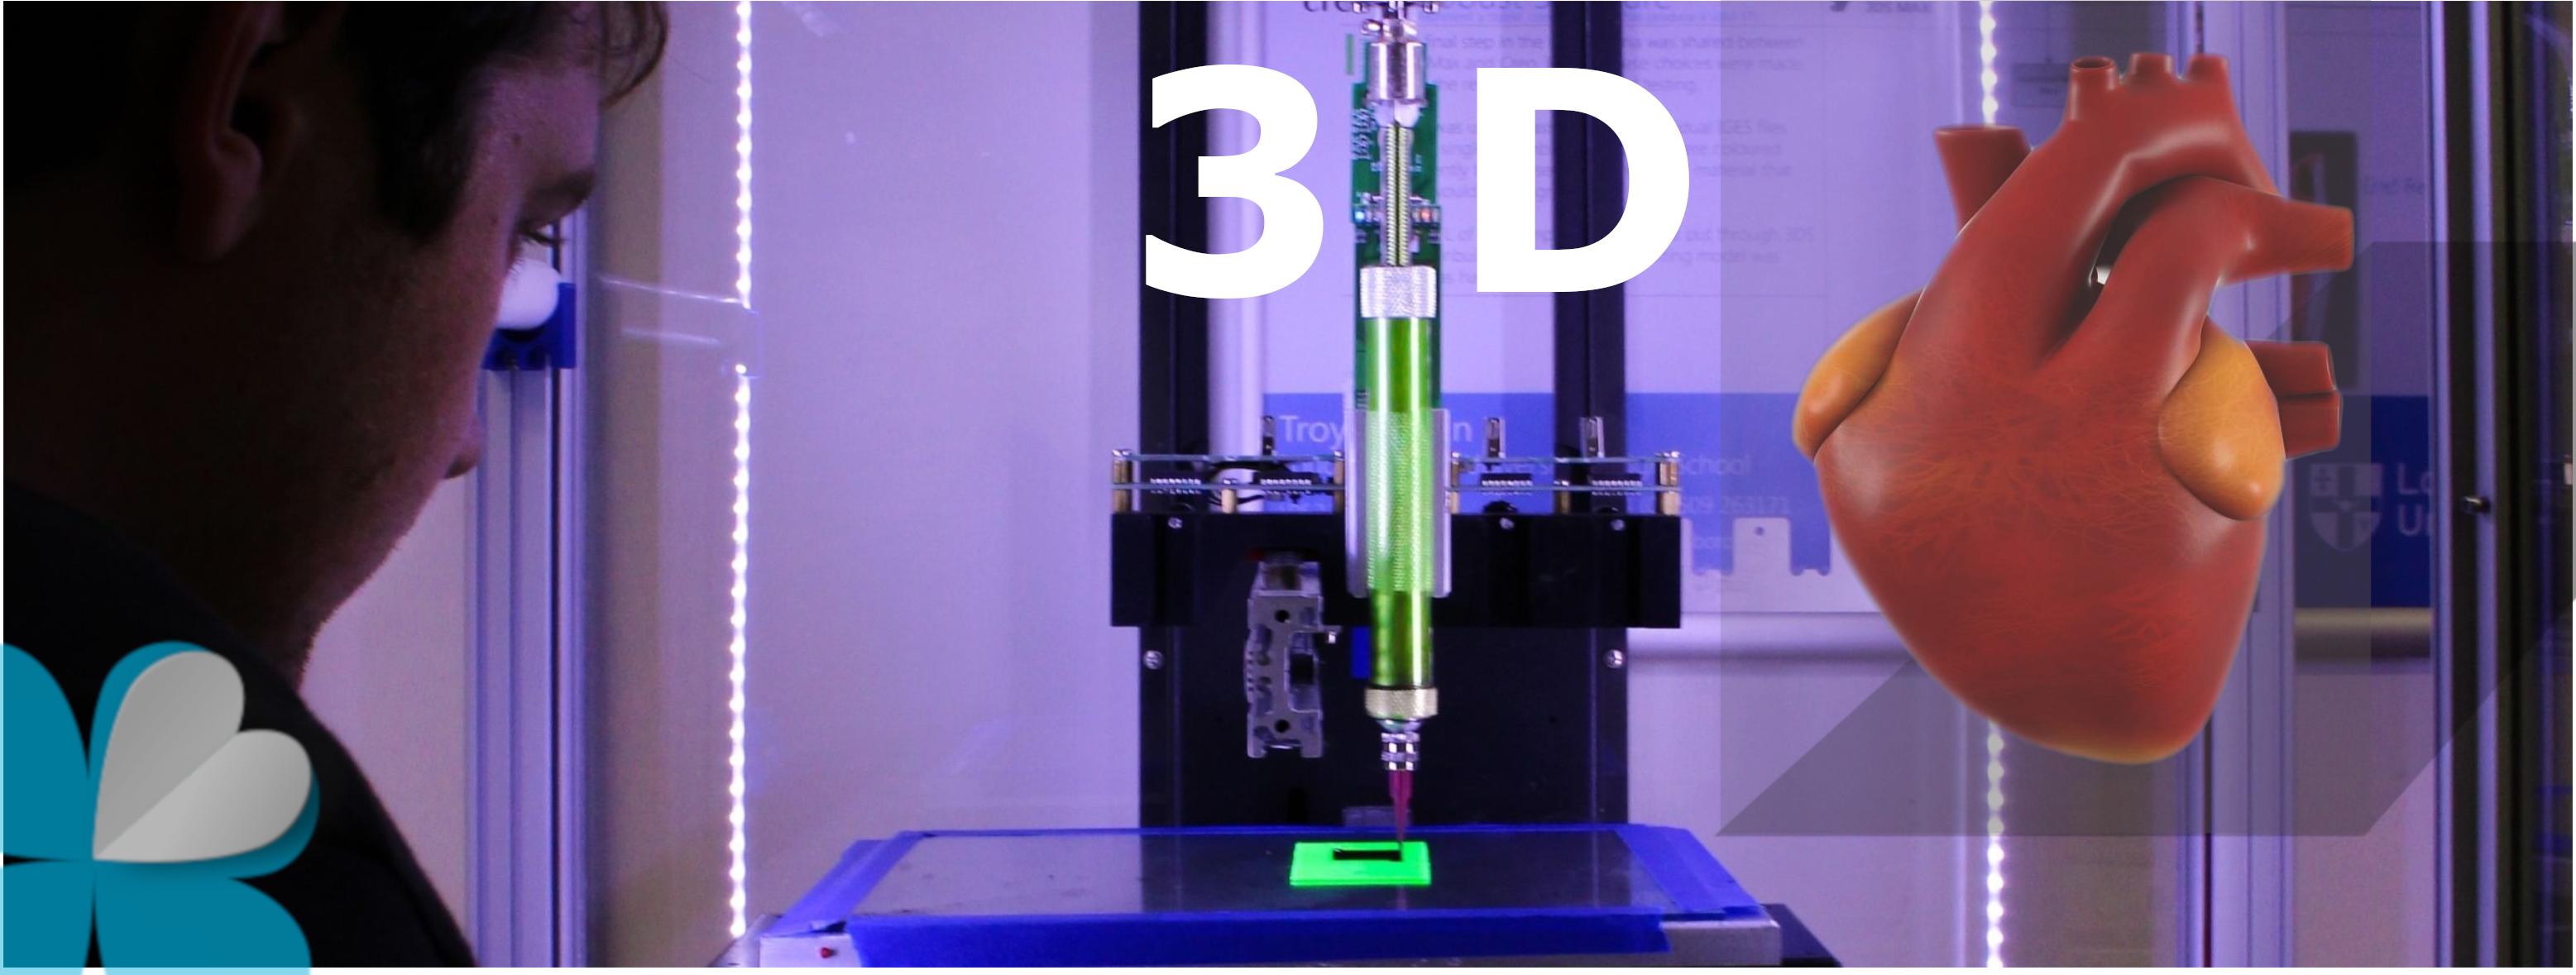 La impresión 3D salva vidas